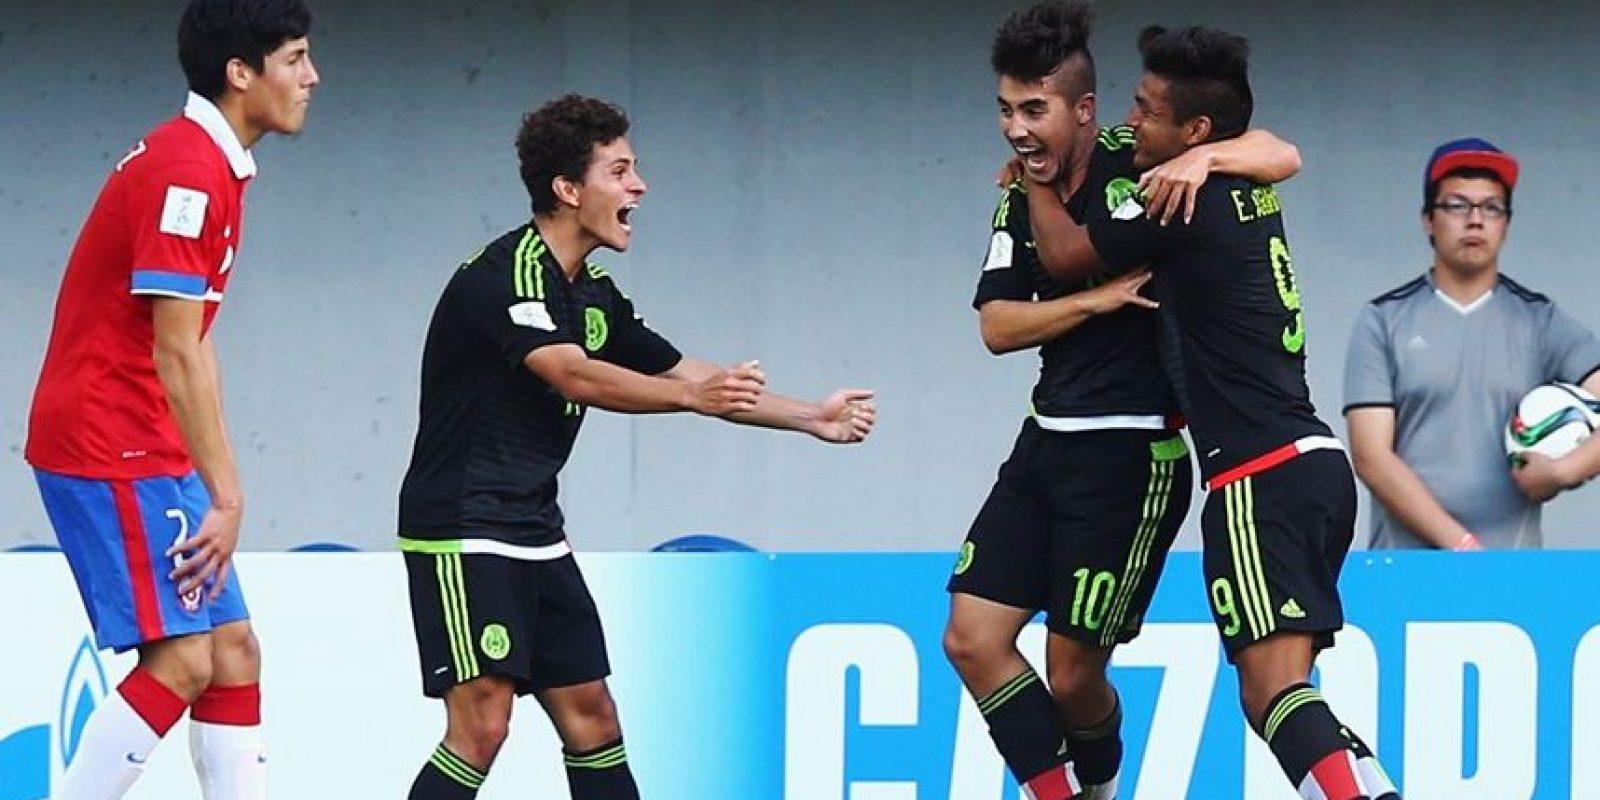 En la fase de grupos vencieron a Argentina y Alemania y empataron con Australia Foto:Vía twitter-com/miseleccionmx